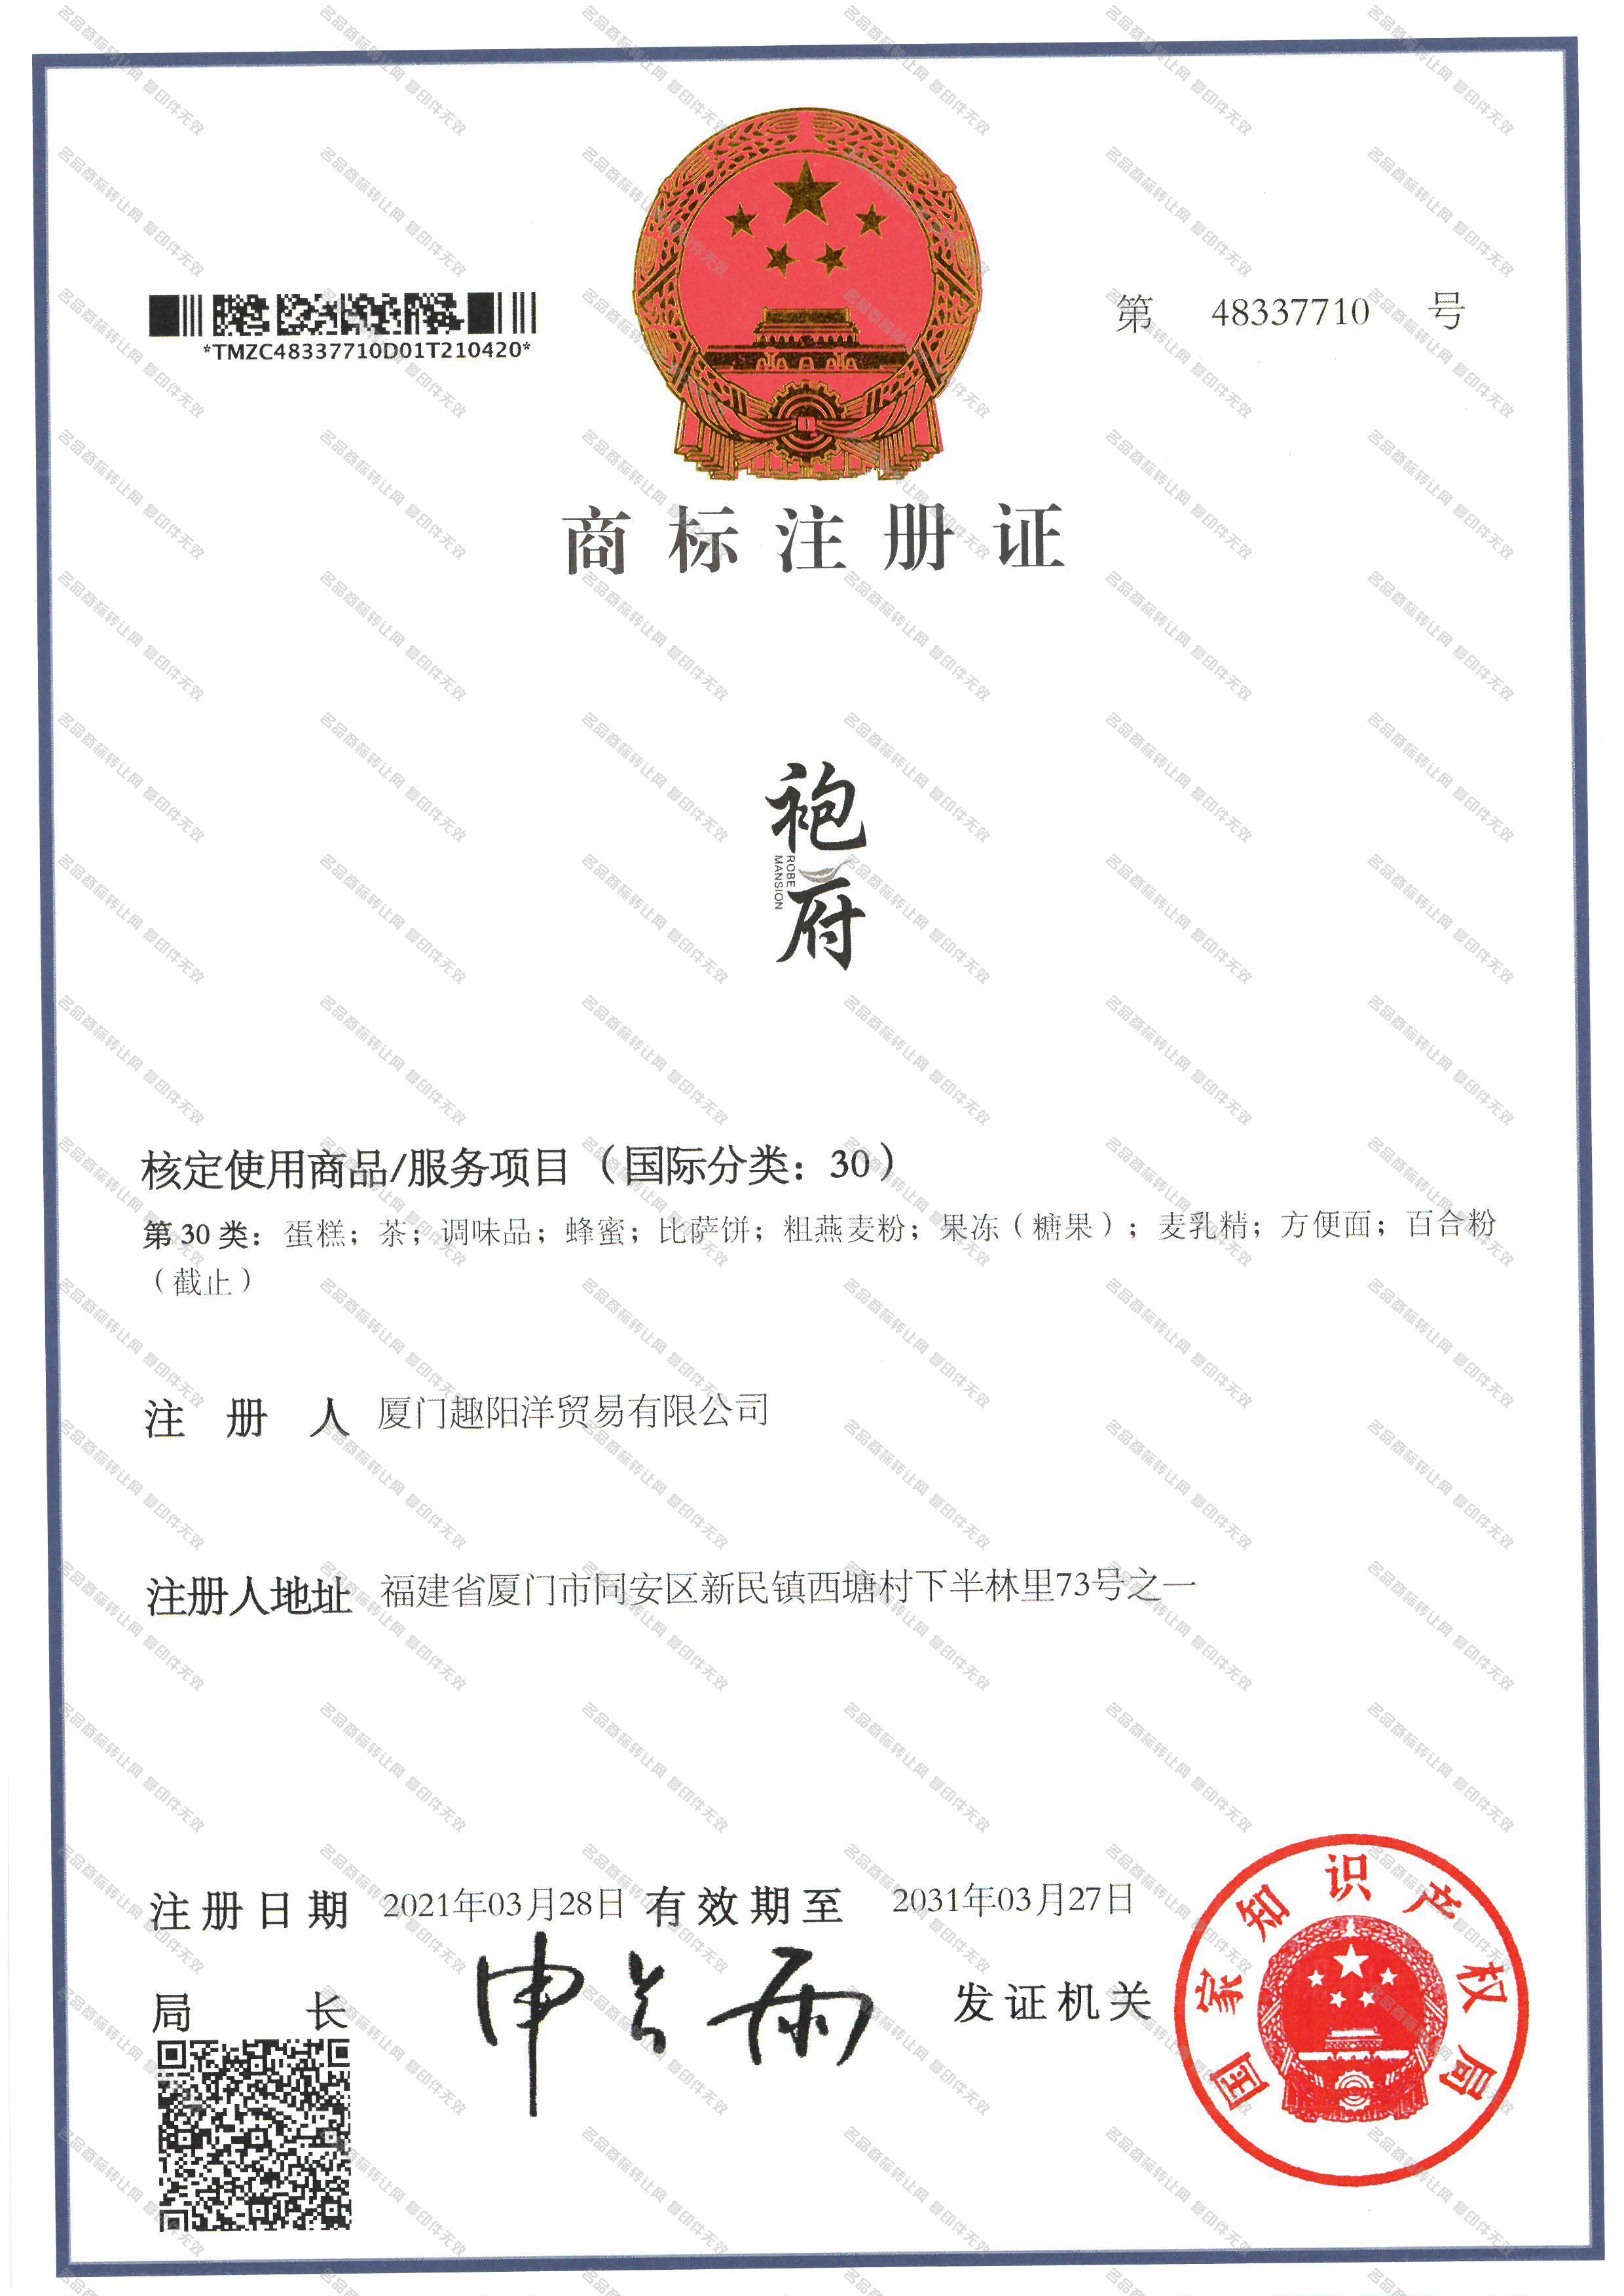 袍府 ROBE MANSION注册证